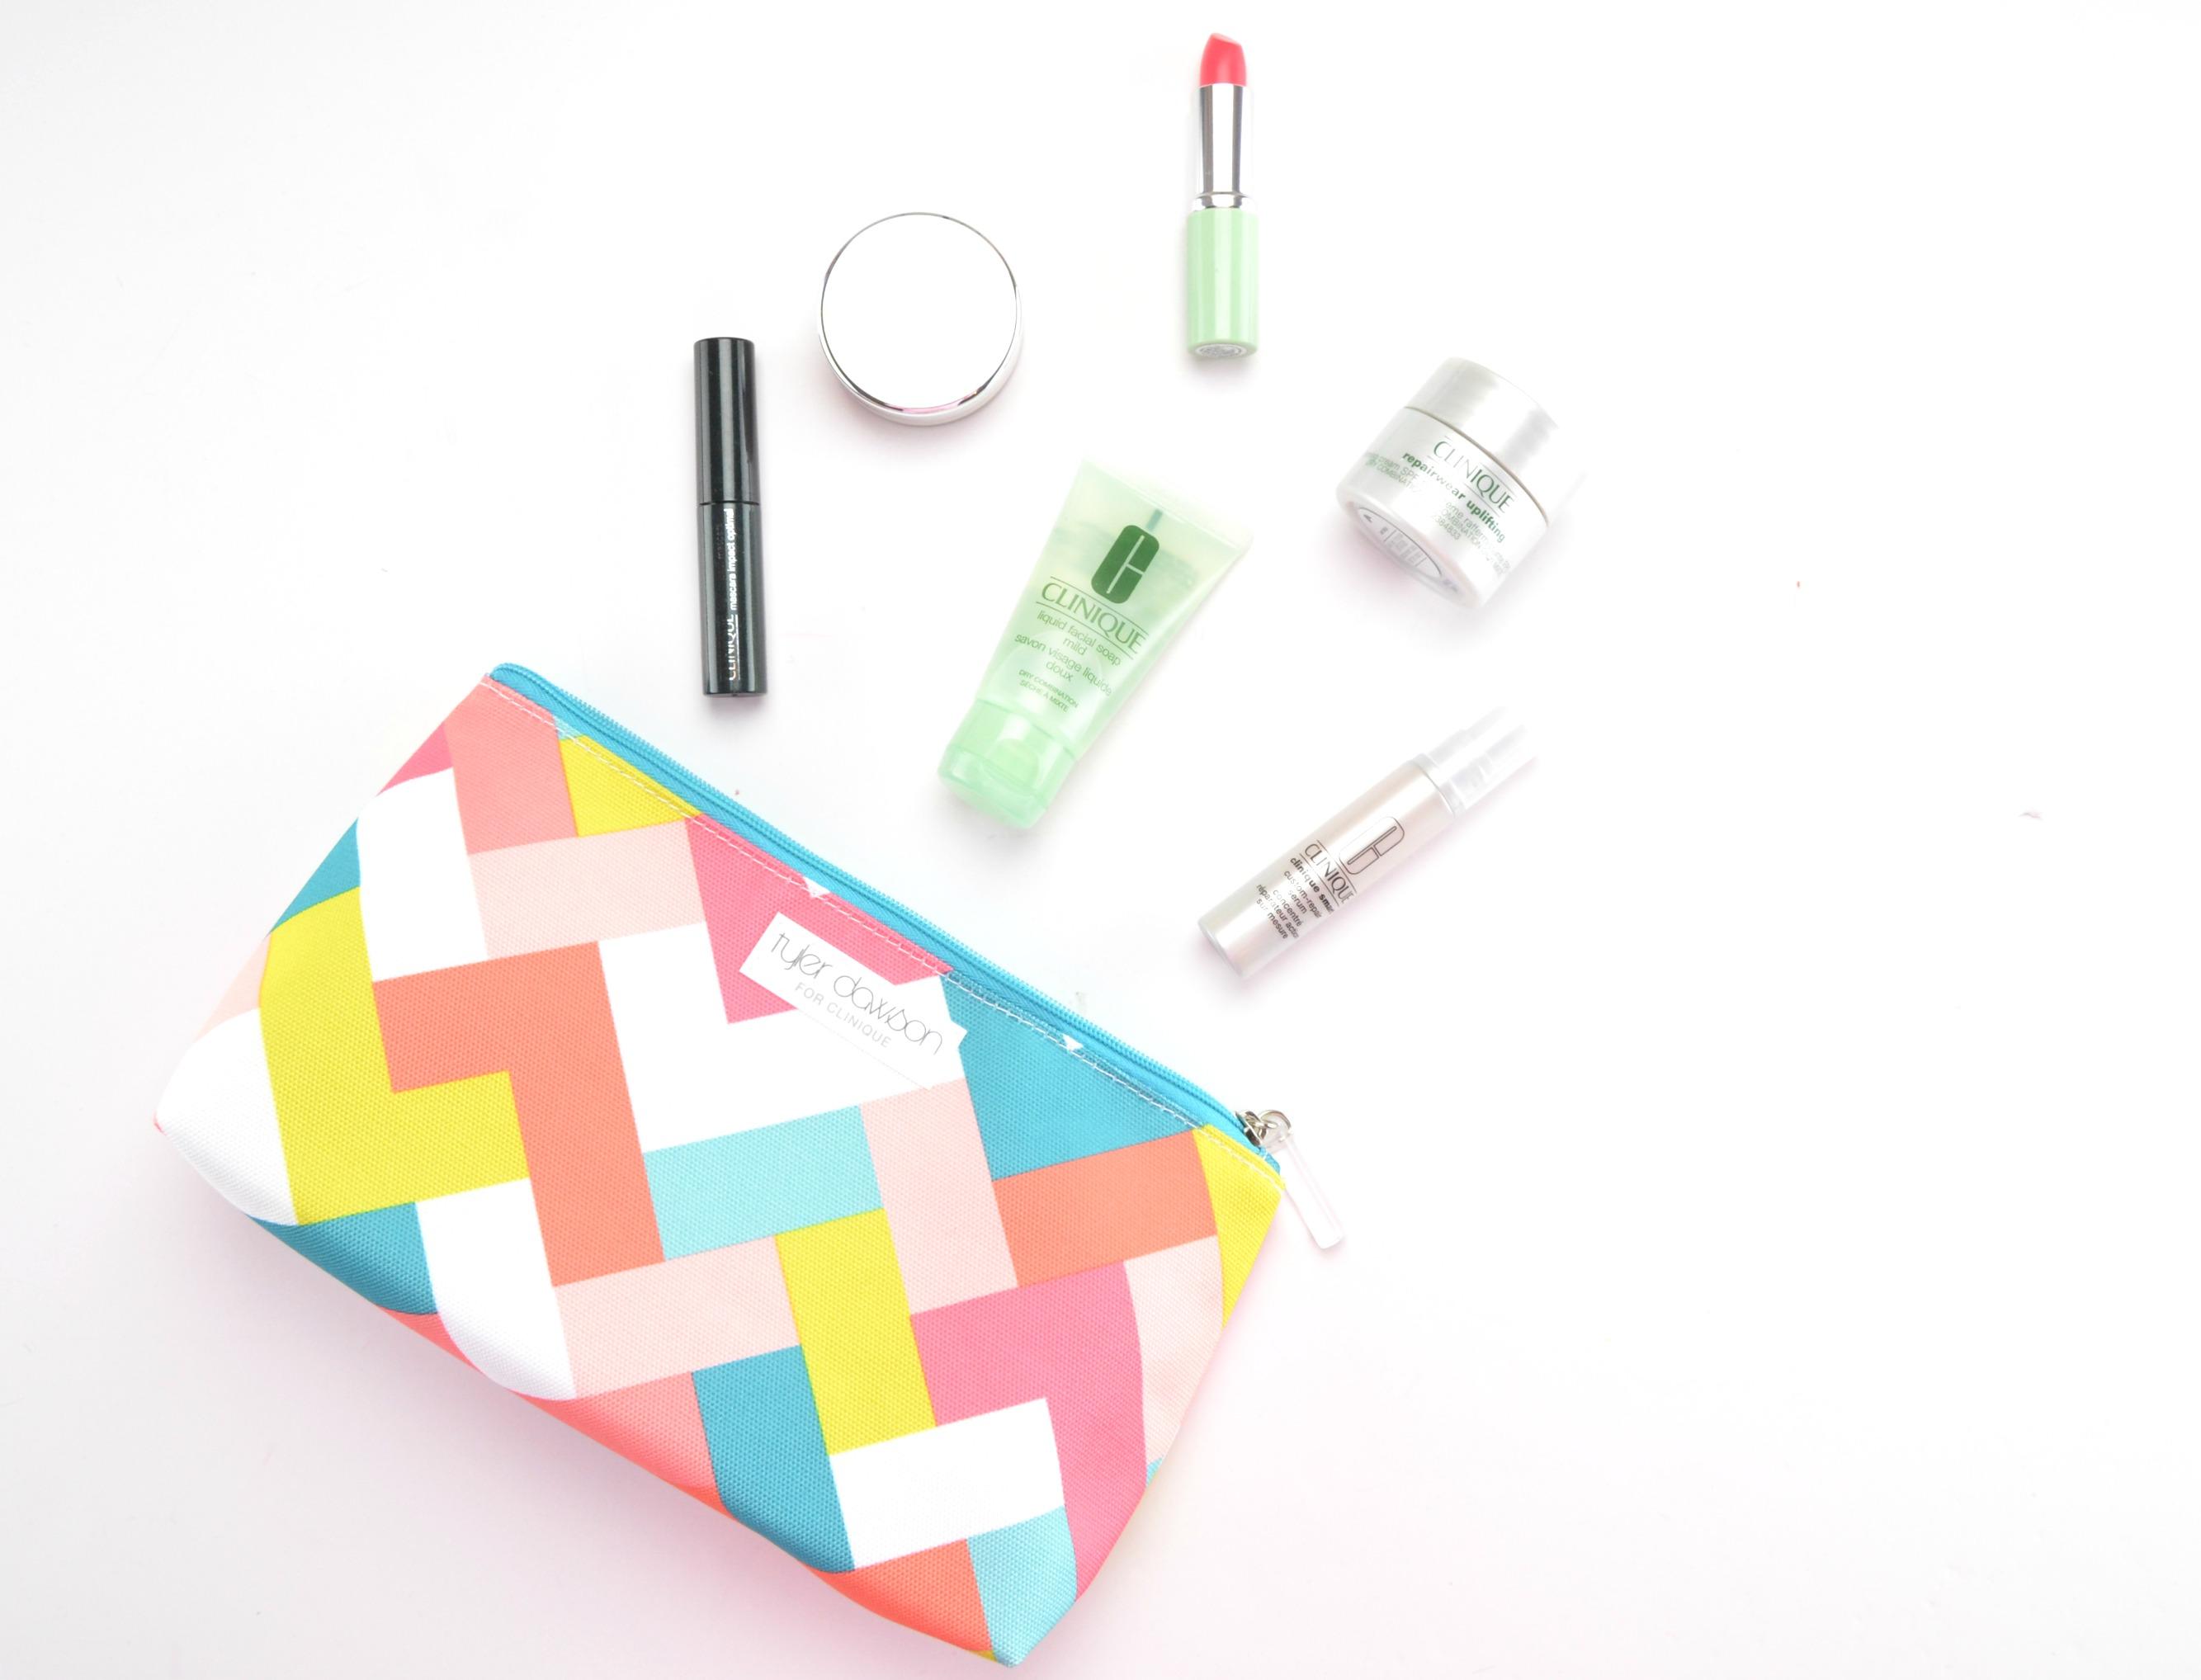 Clinique Pretty by Design Gift Set